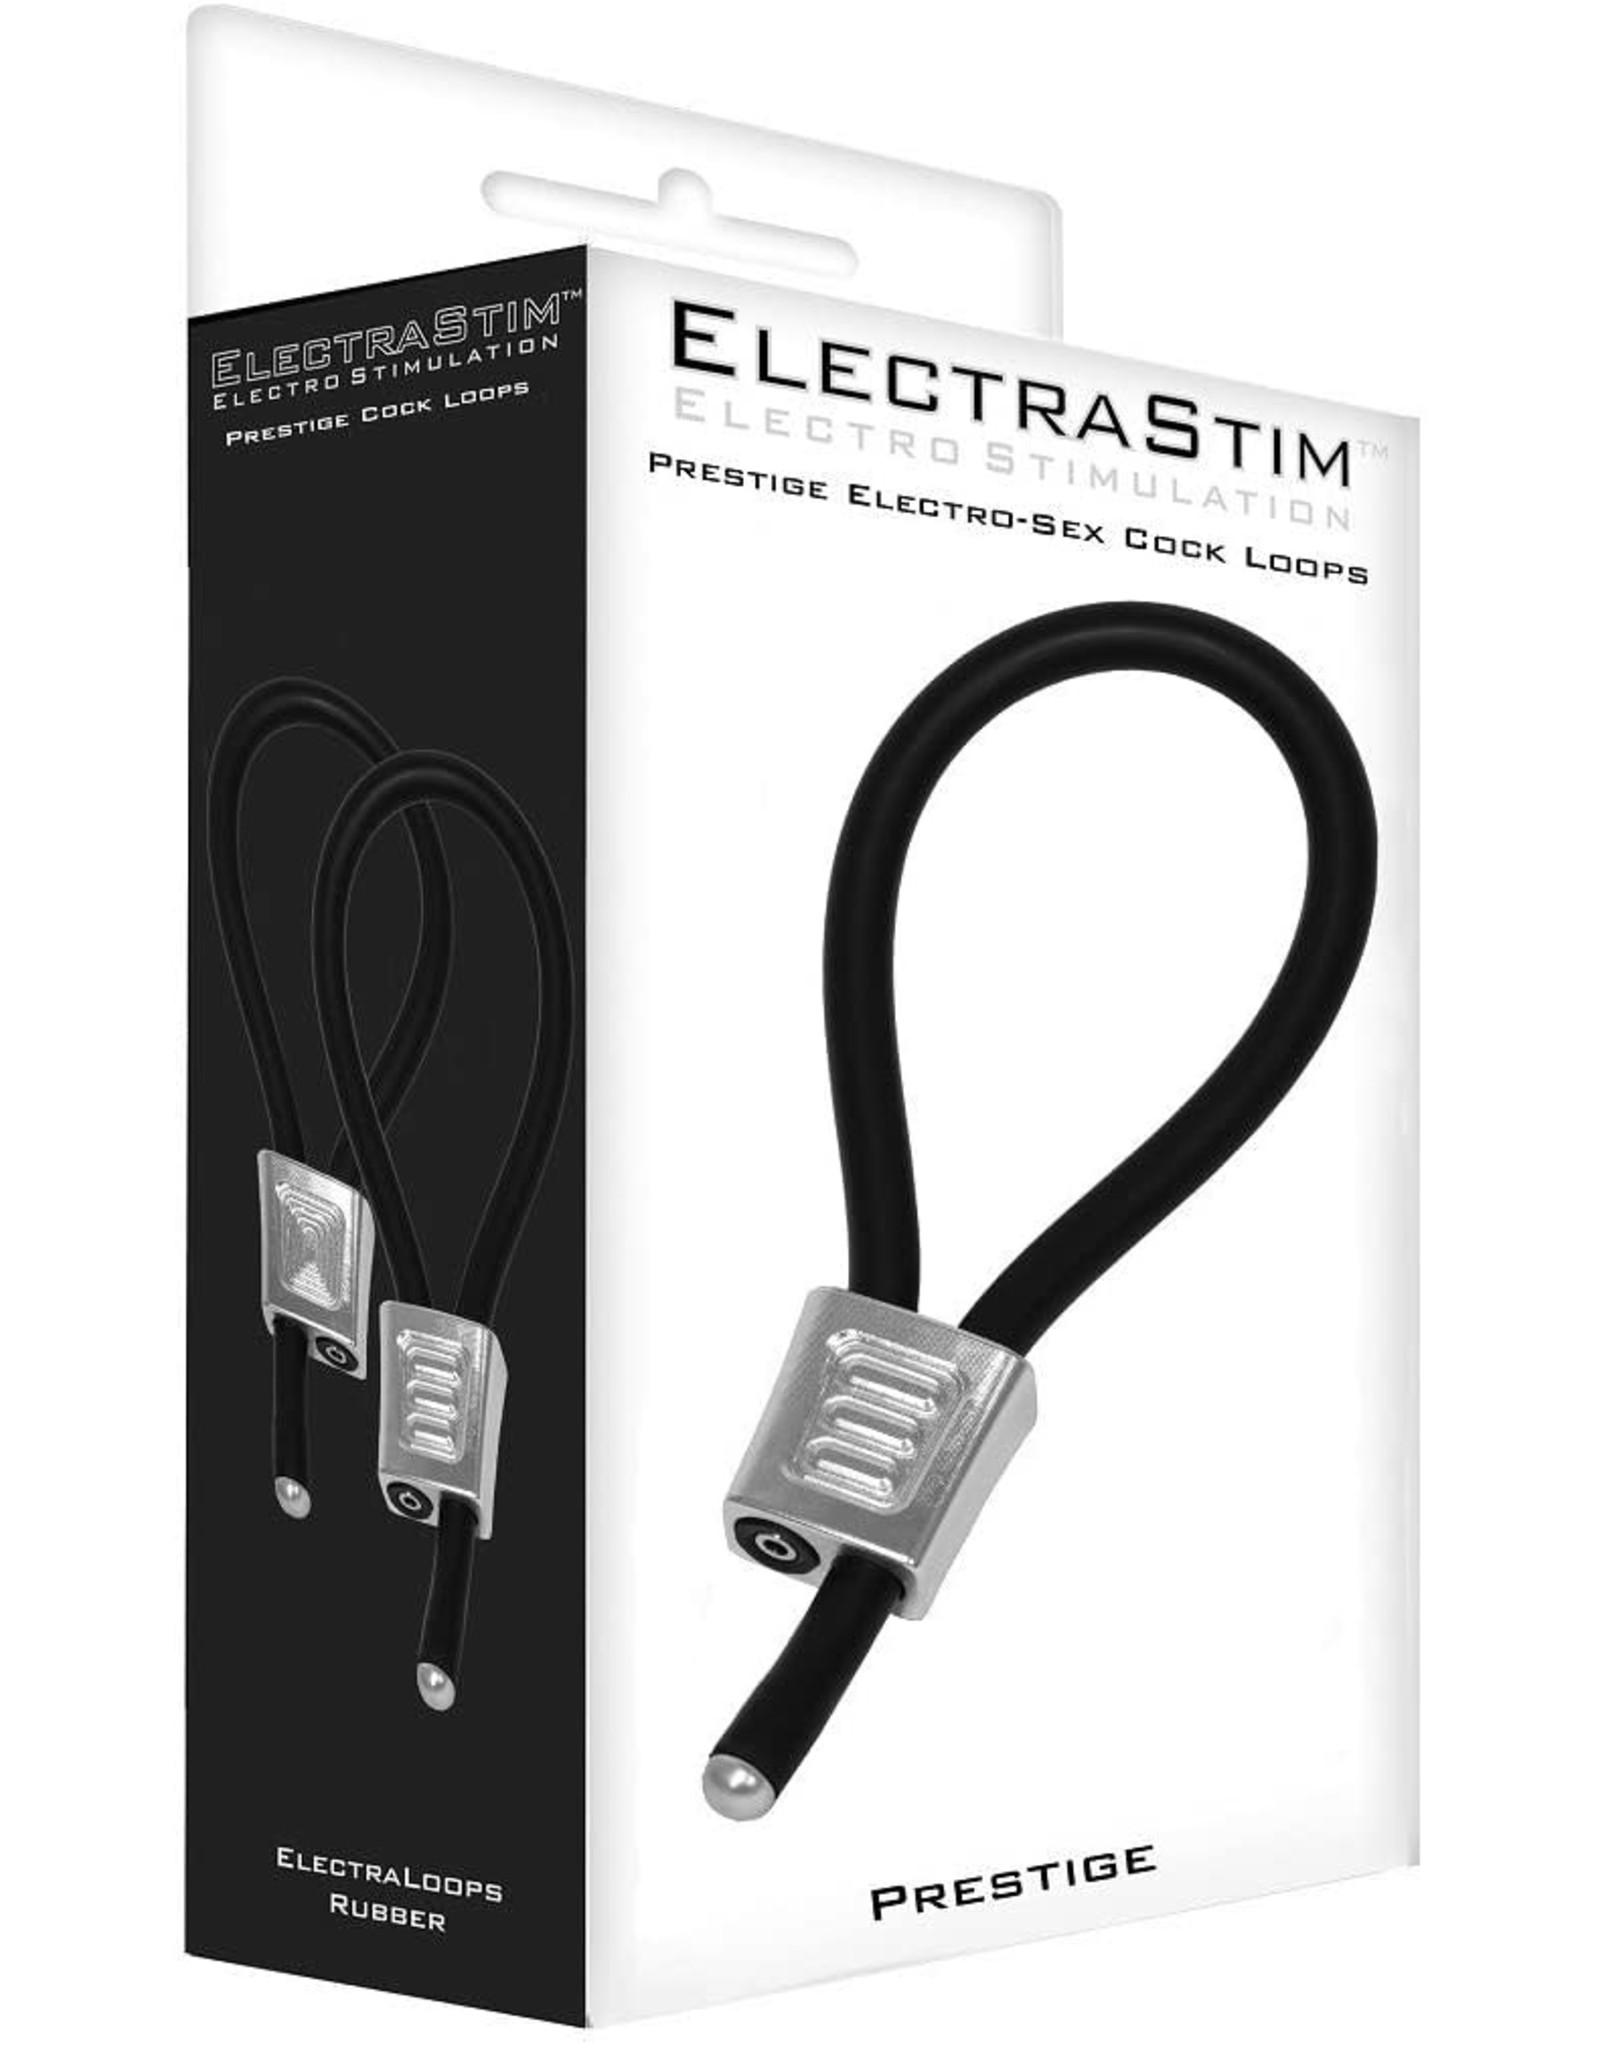 ElectraStim ElectraStim Prestige ElectraLoops